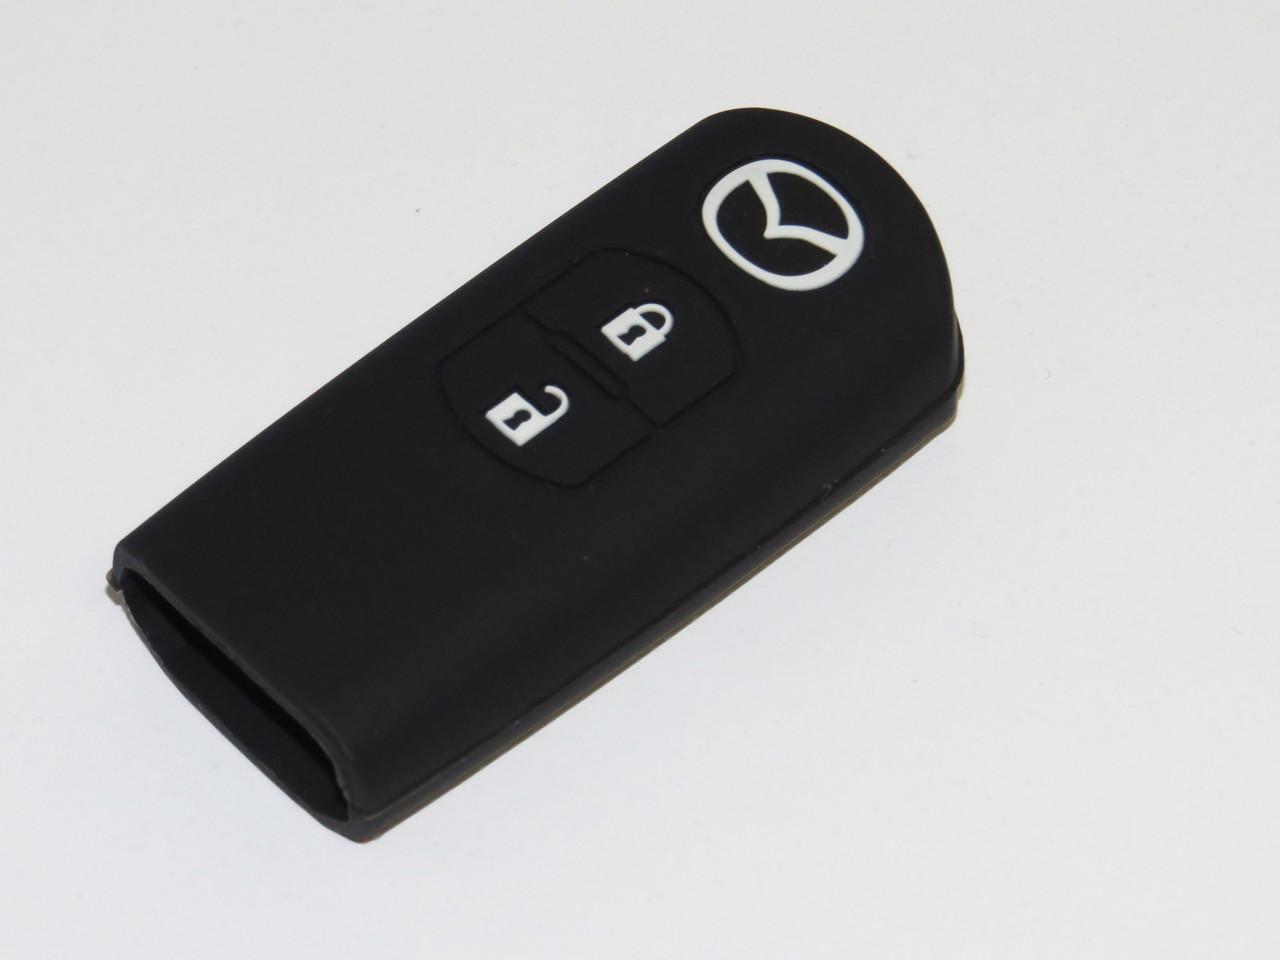 Чехол силиконовый для ключа зажигания Mazda V1. Чехольчик для ключа Мазда